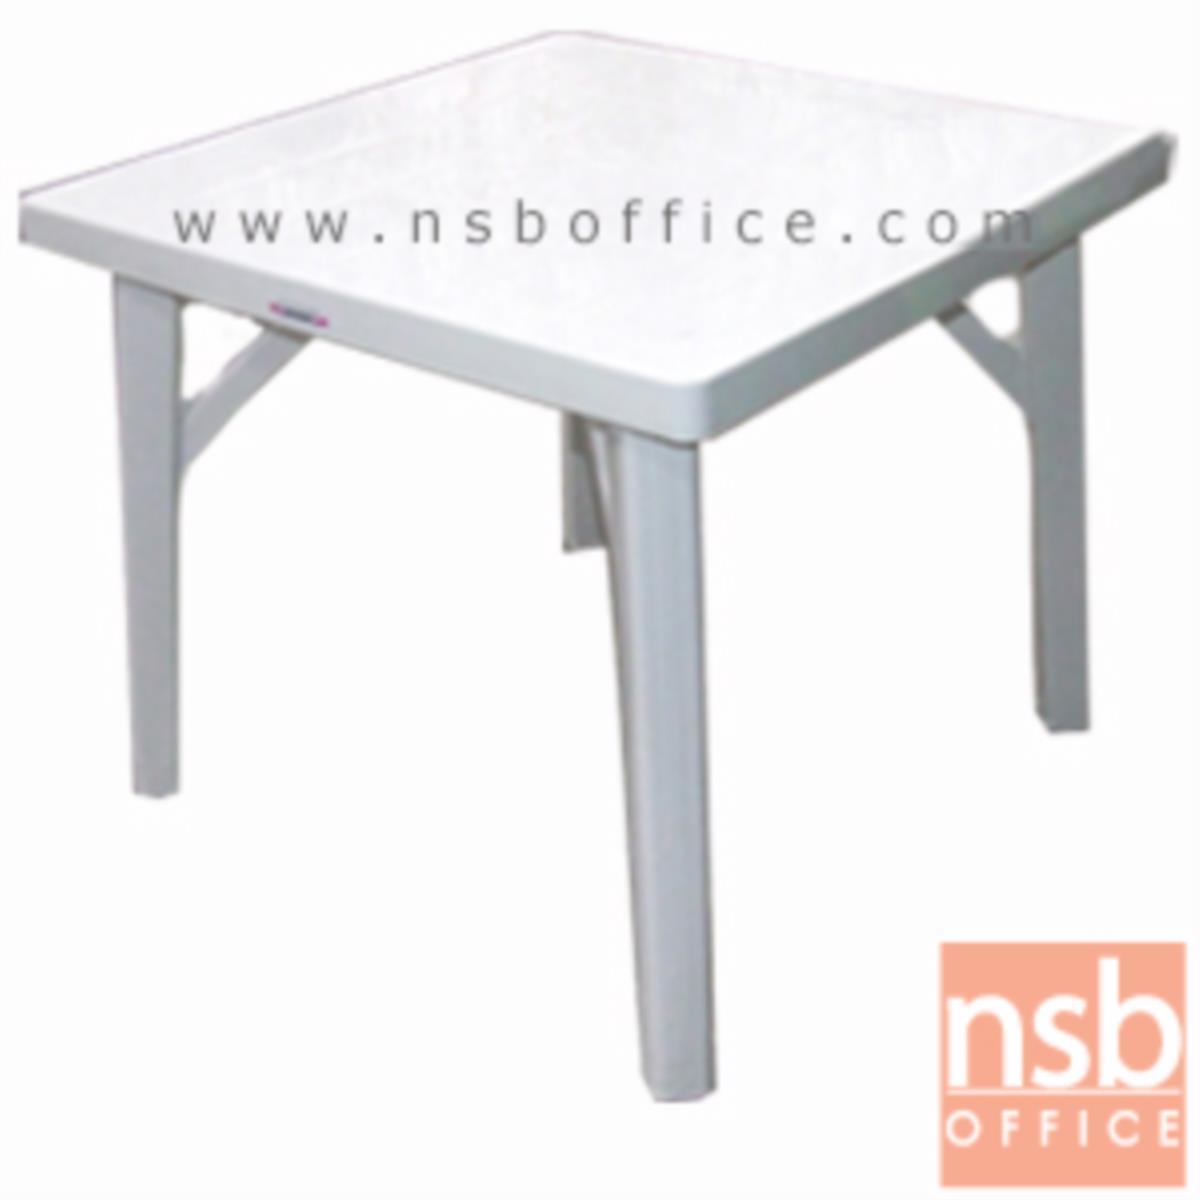 A19A030:โต๊ะหน้าพลาสติก รุ่น TD-002  ขนาด 88W cm.